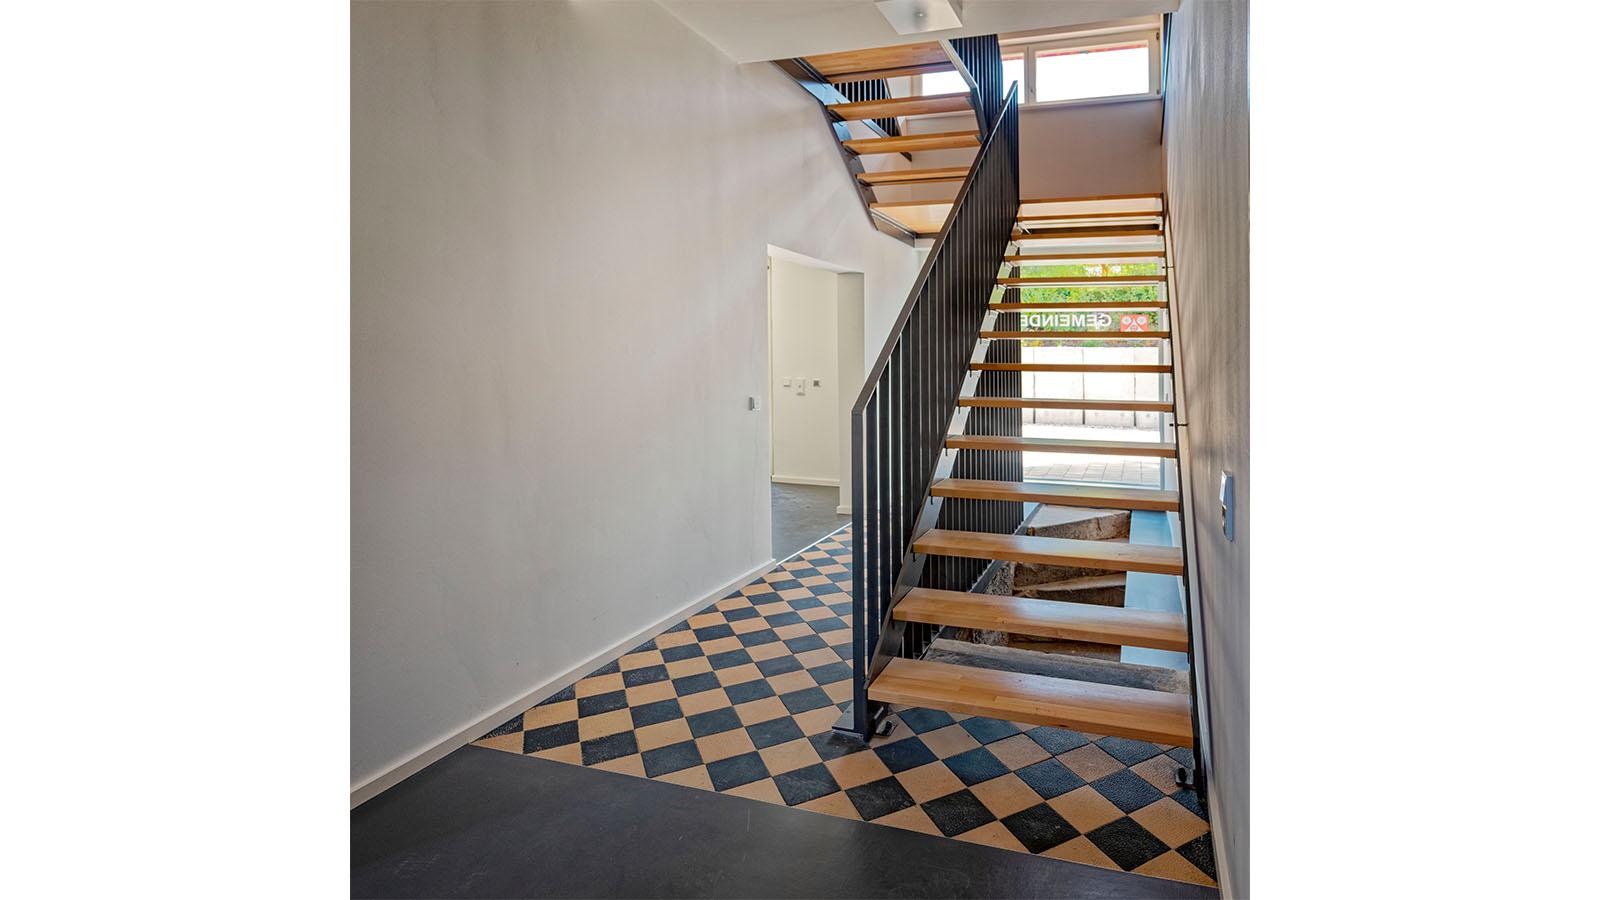 h2m-rathaus-koednitz-schulhaus-foelschnitz-innenansicht-treppe